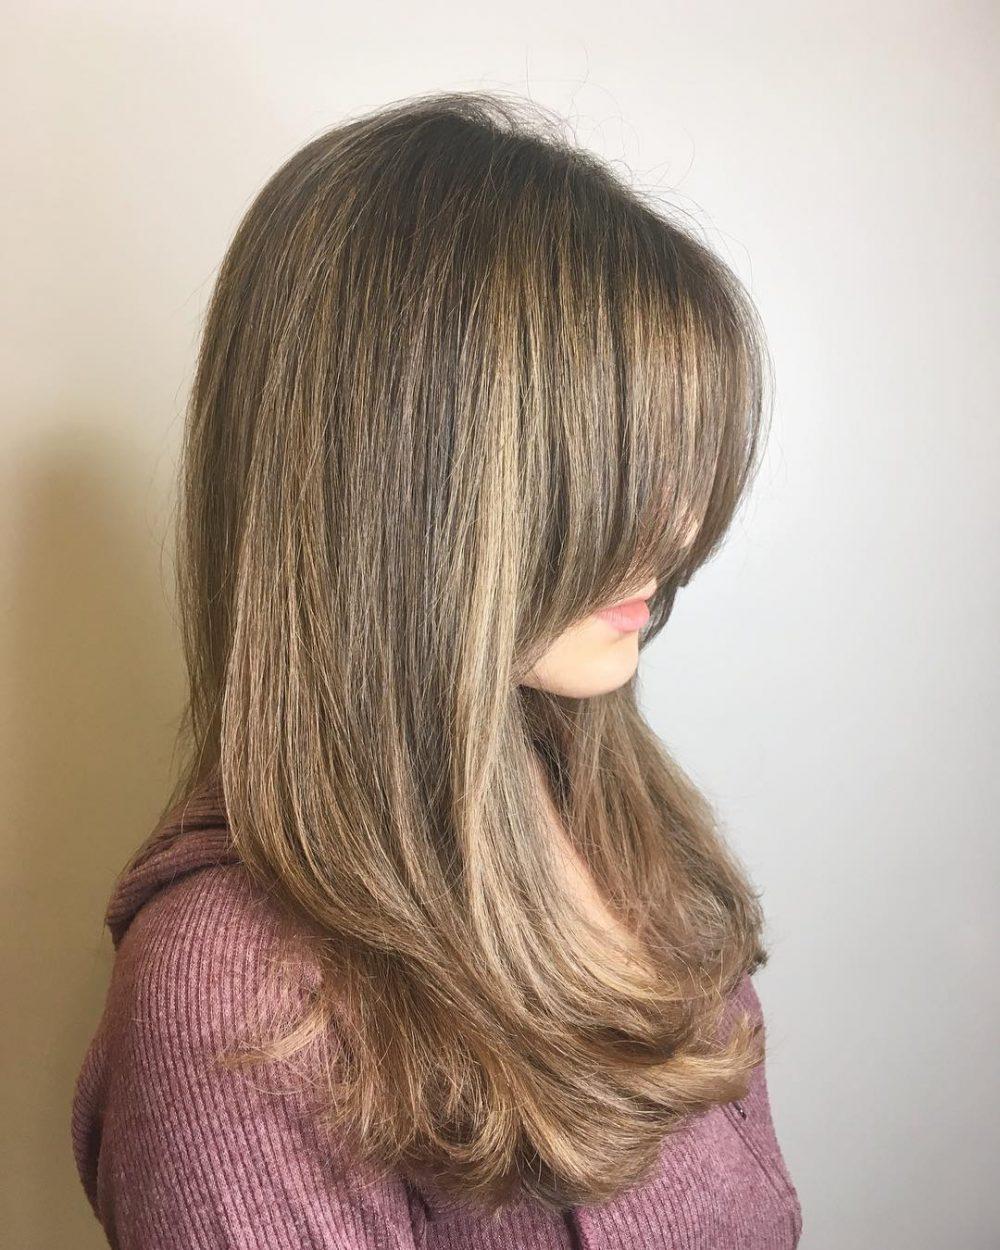 Long Heavy Fringe hairstyle